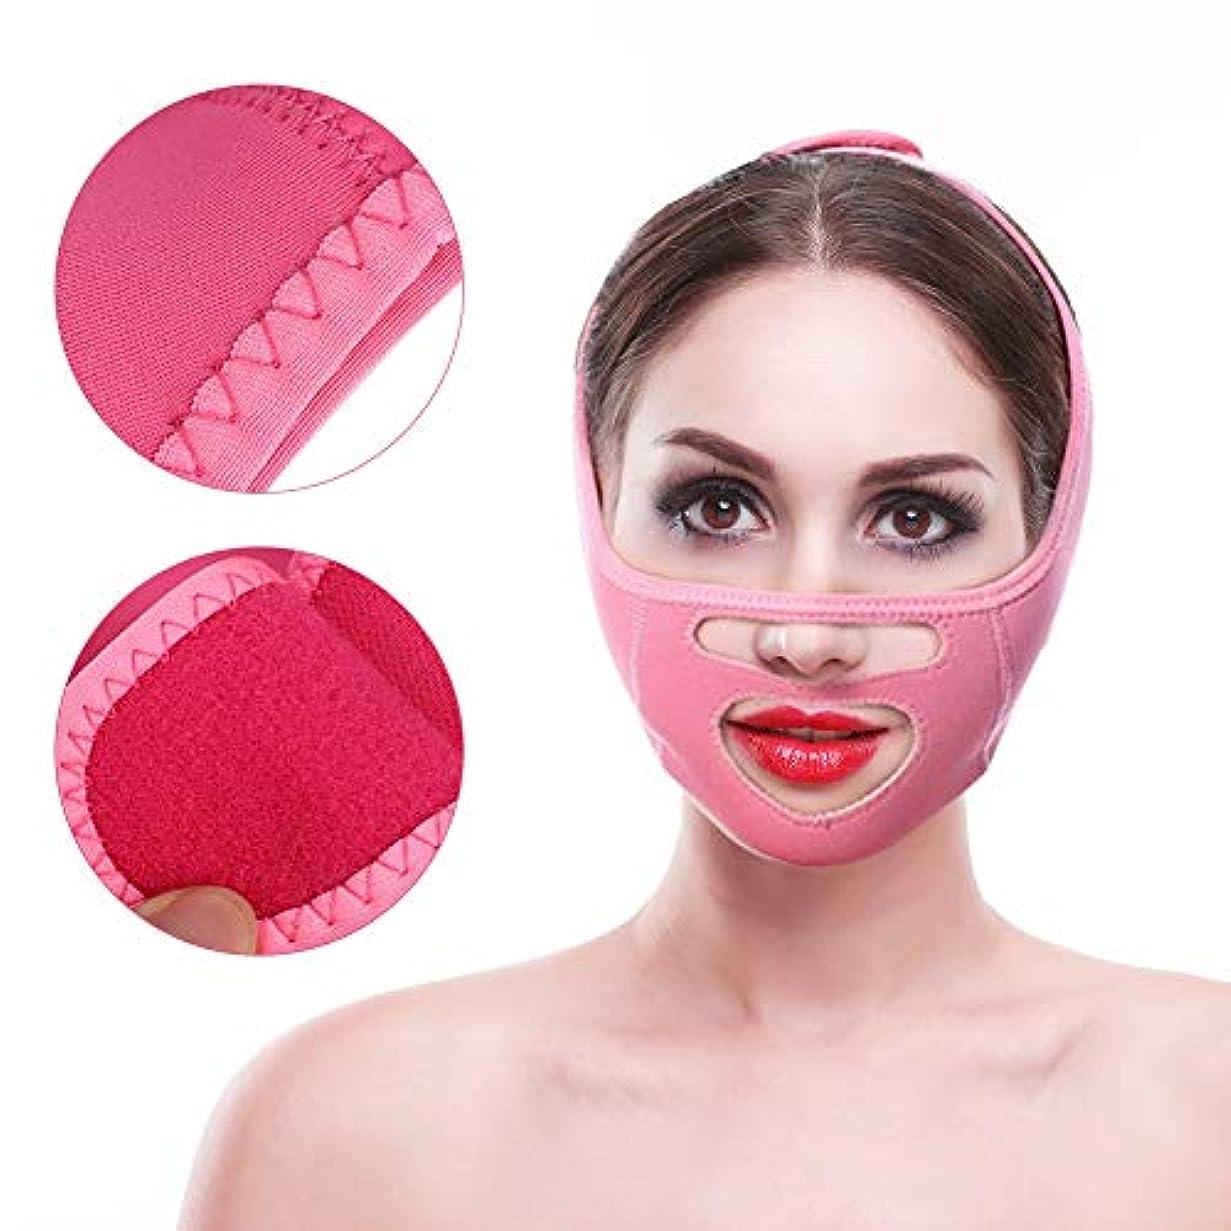 きらめき行方不明泥だらけ顔の持ち上がる整形ベルト、効果的に顔の形を改善し、顔と首の二重あごに肌を引き締め包帯を減らす